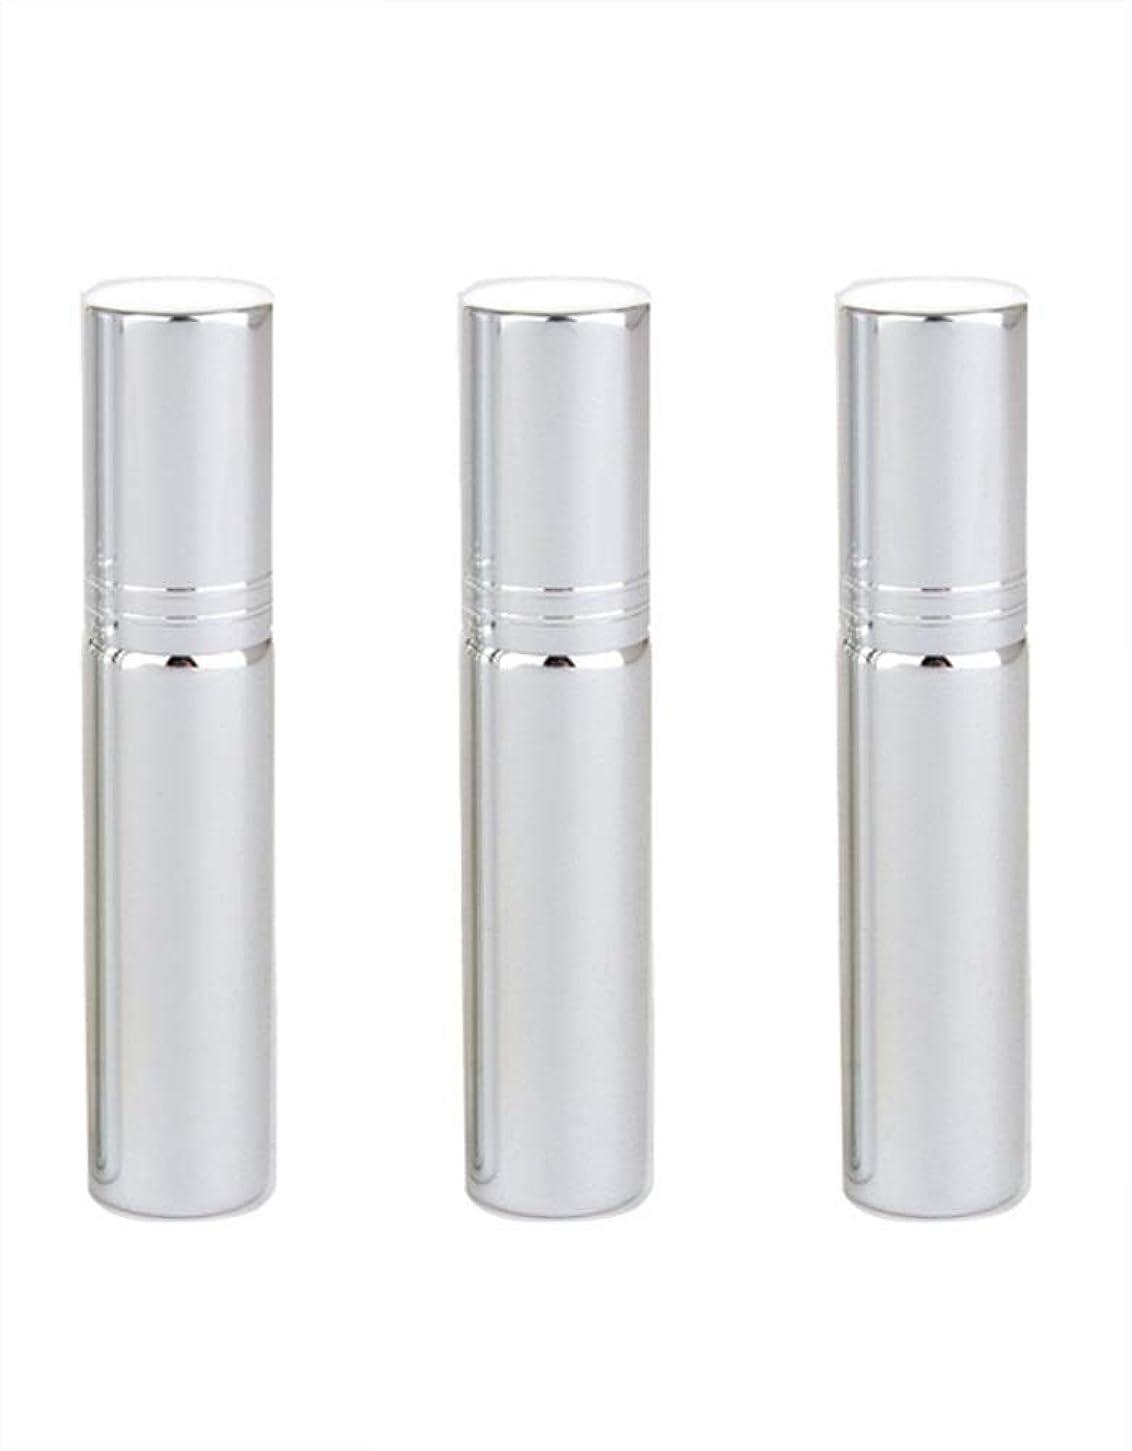 同僚と鳩Simg アトマイザー グラスアトマイザー 香水ボトル スプレーボトル 詰め替え容器 旅行 漏れ防止 (銀メッキ)